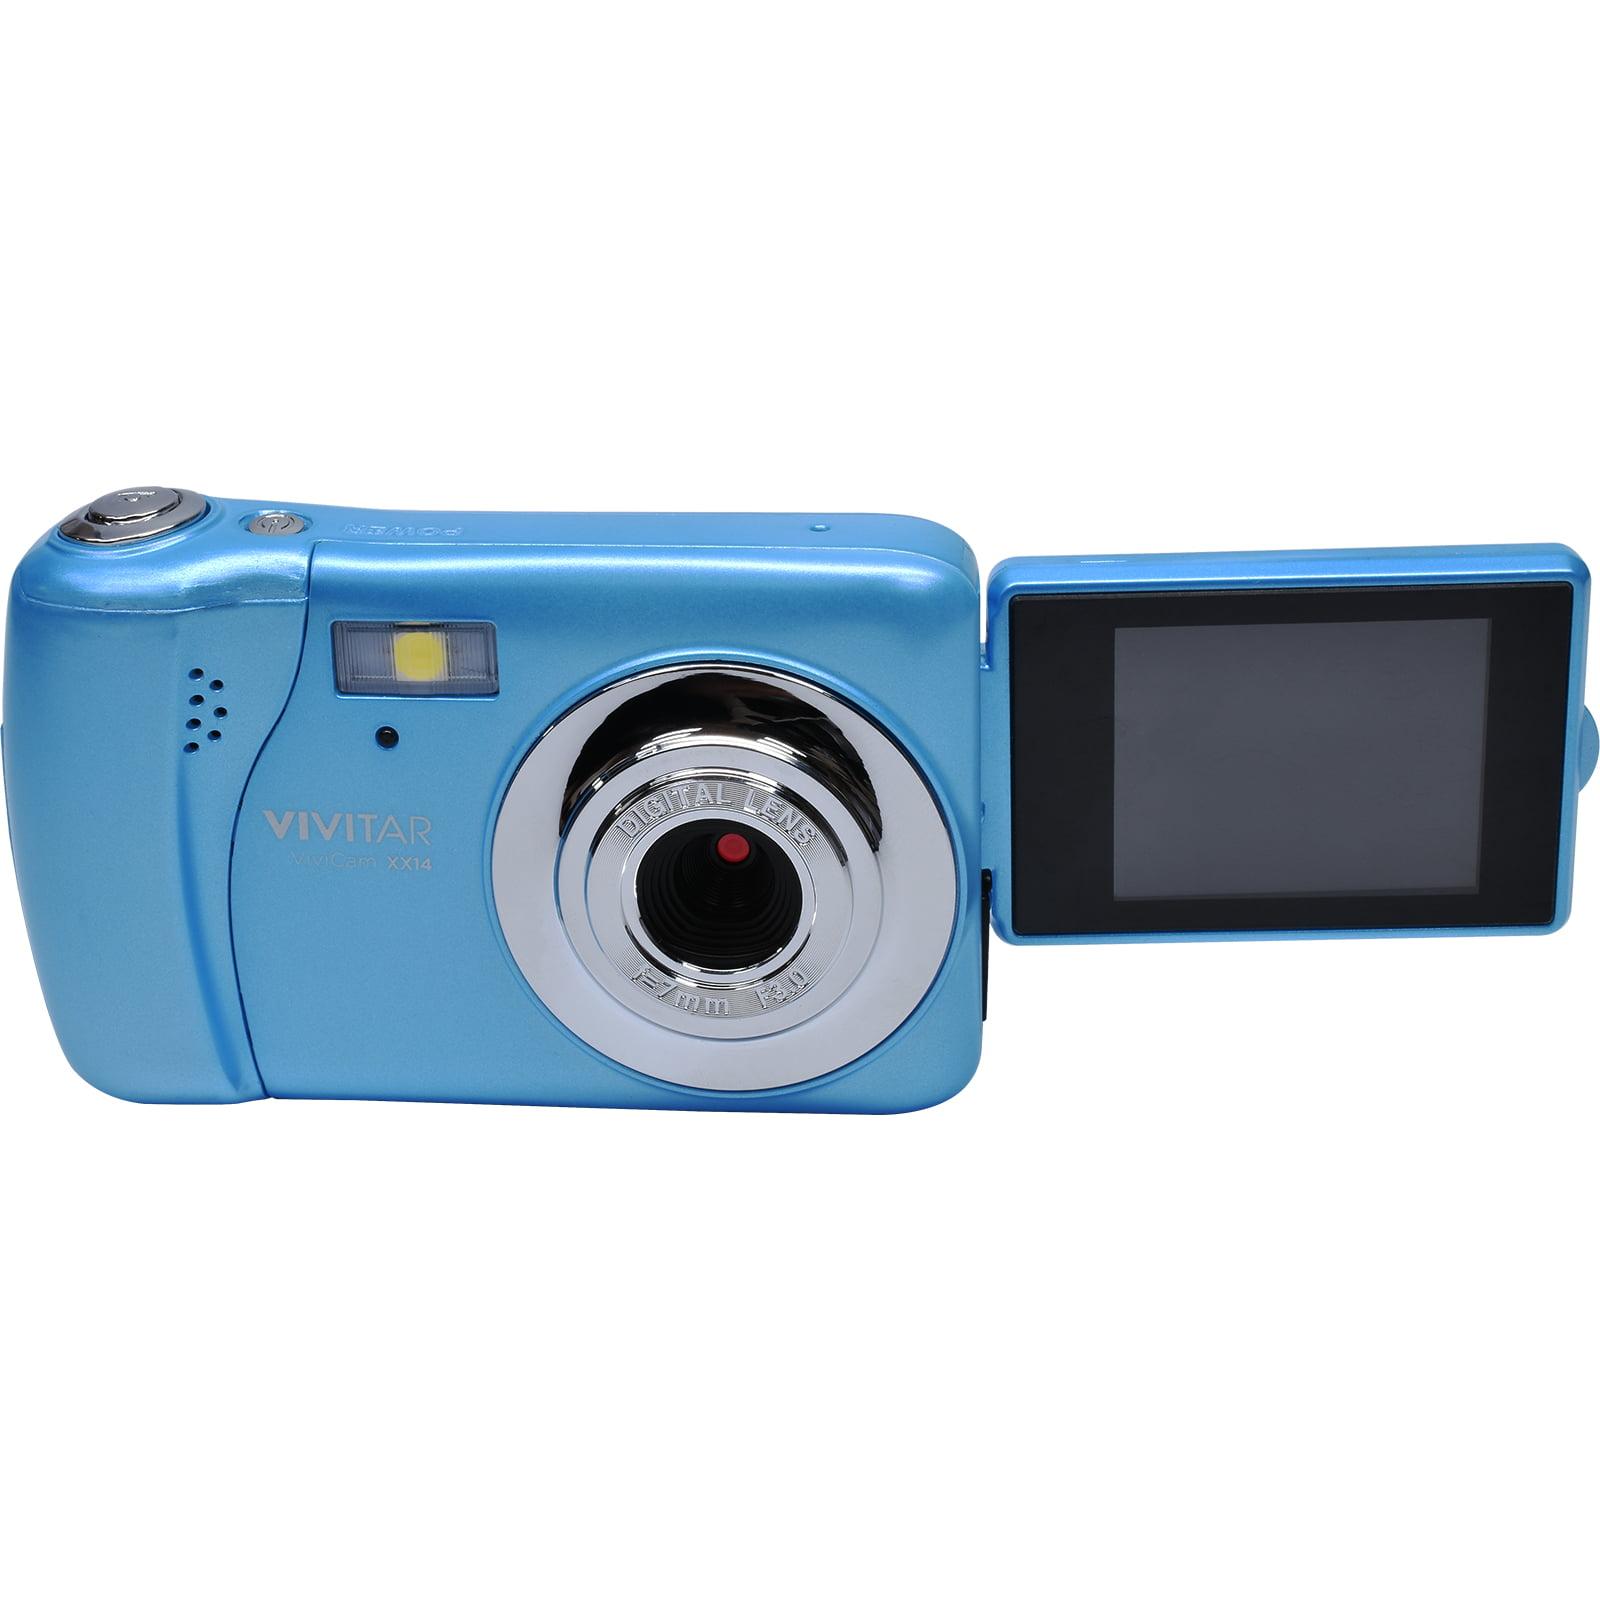 Vivitar ViviCam VXX14 Selfie Digital Camera (Blue) by Vivitar